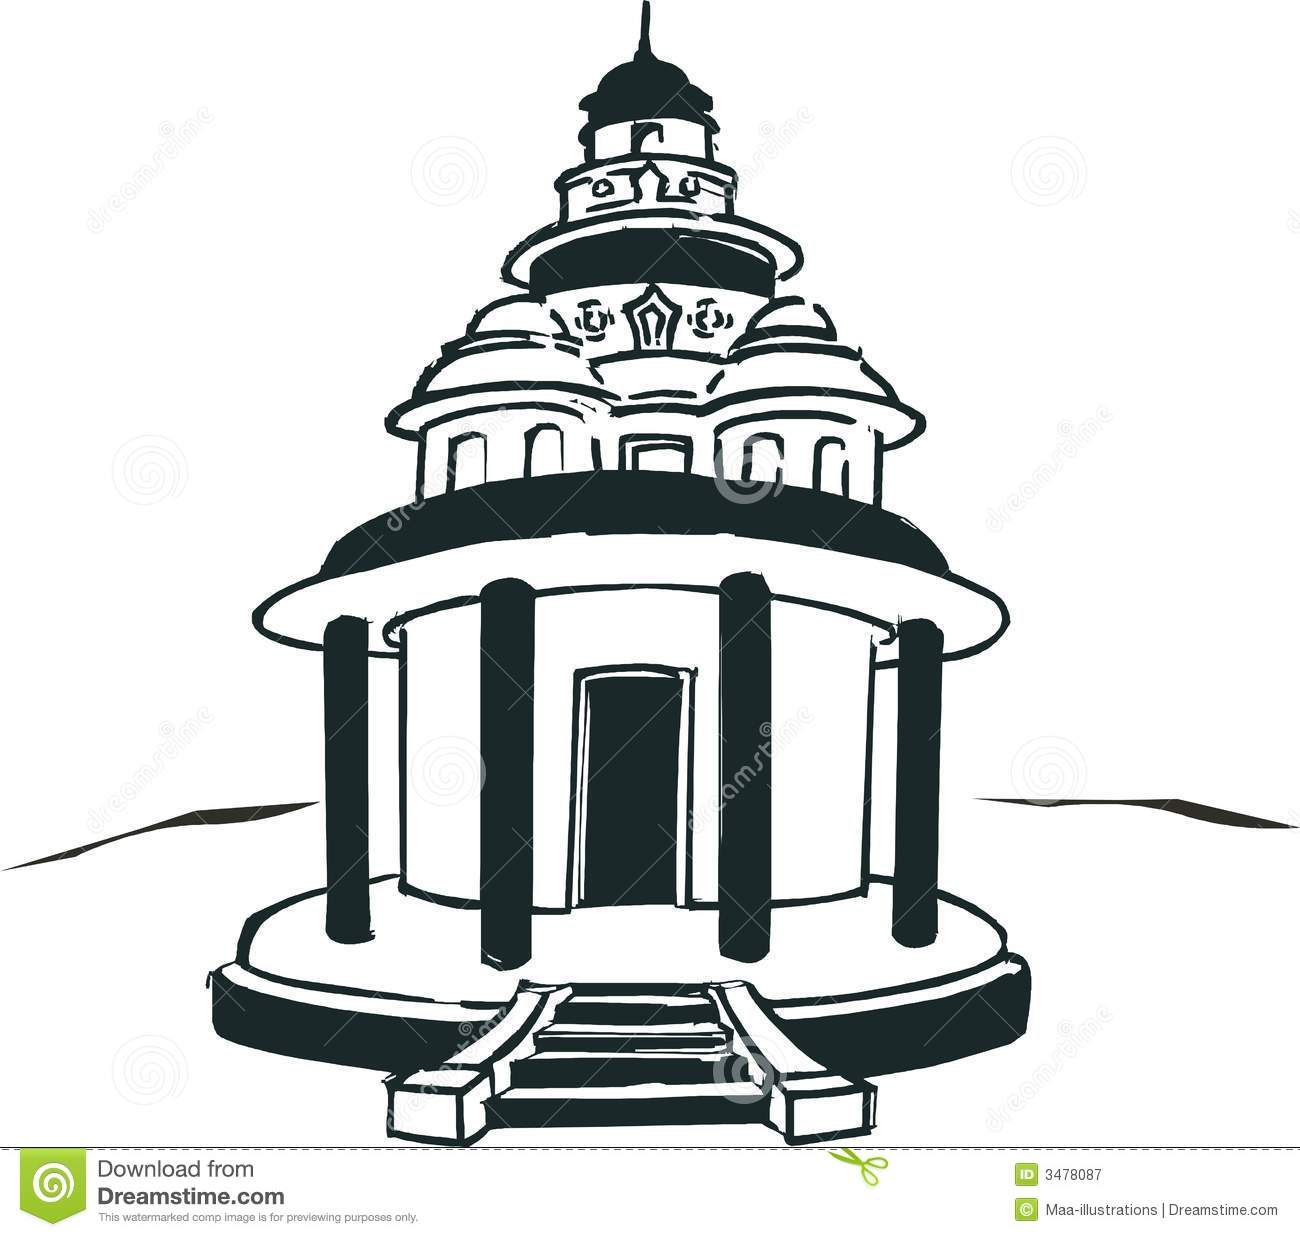 Temple Clipart - Tumundografico